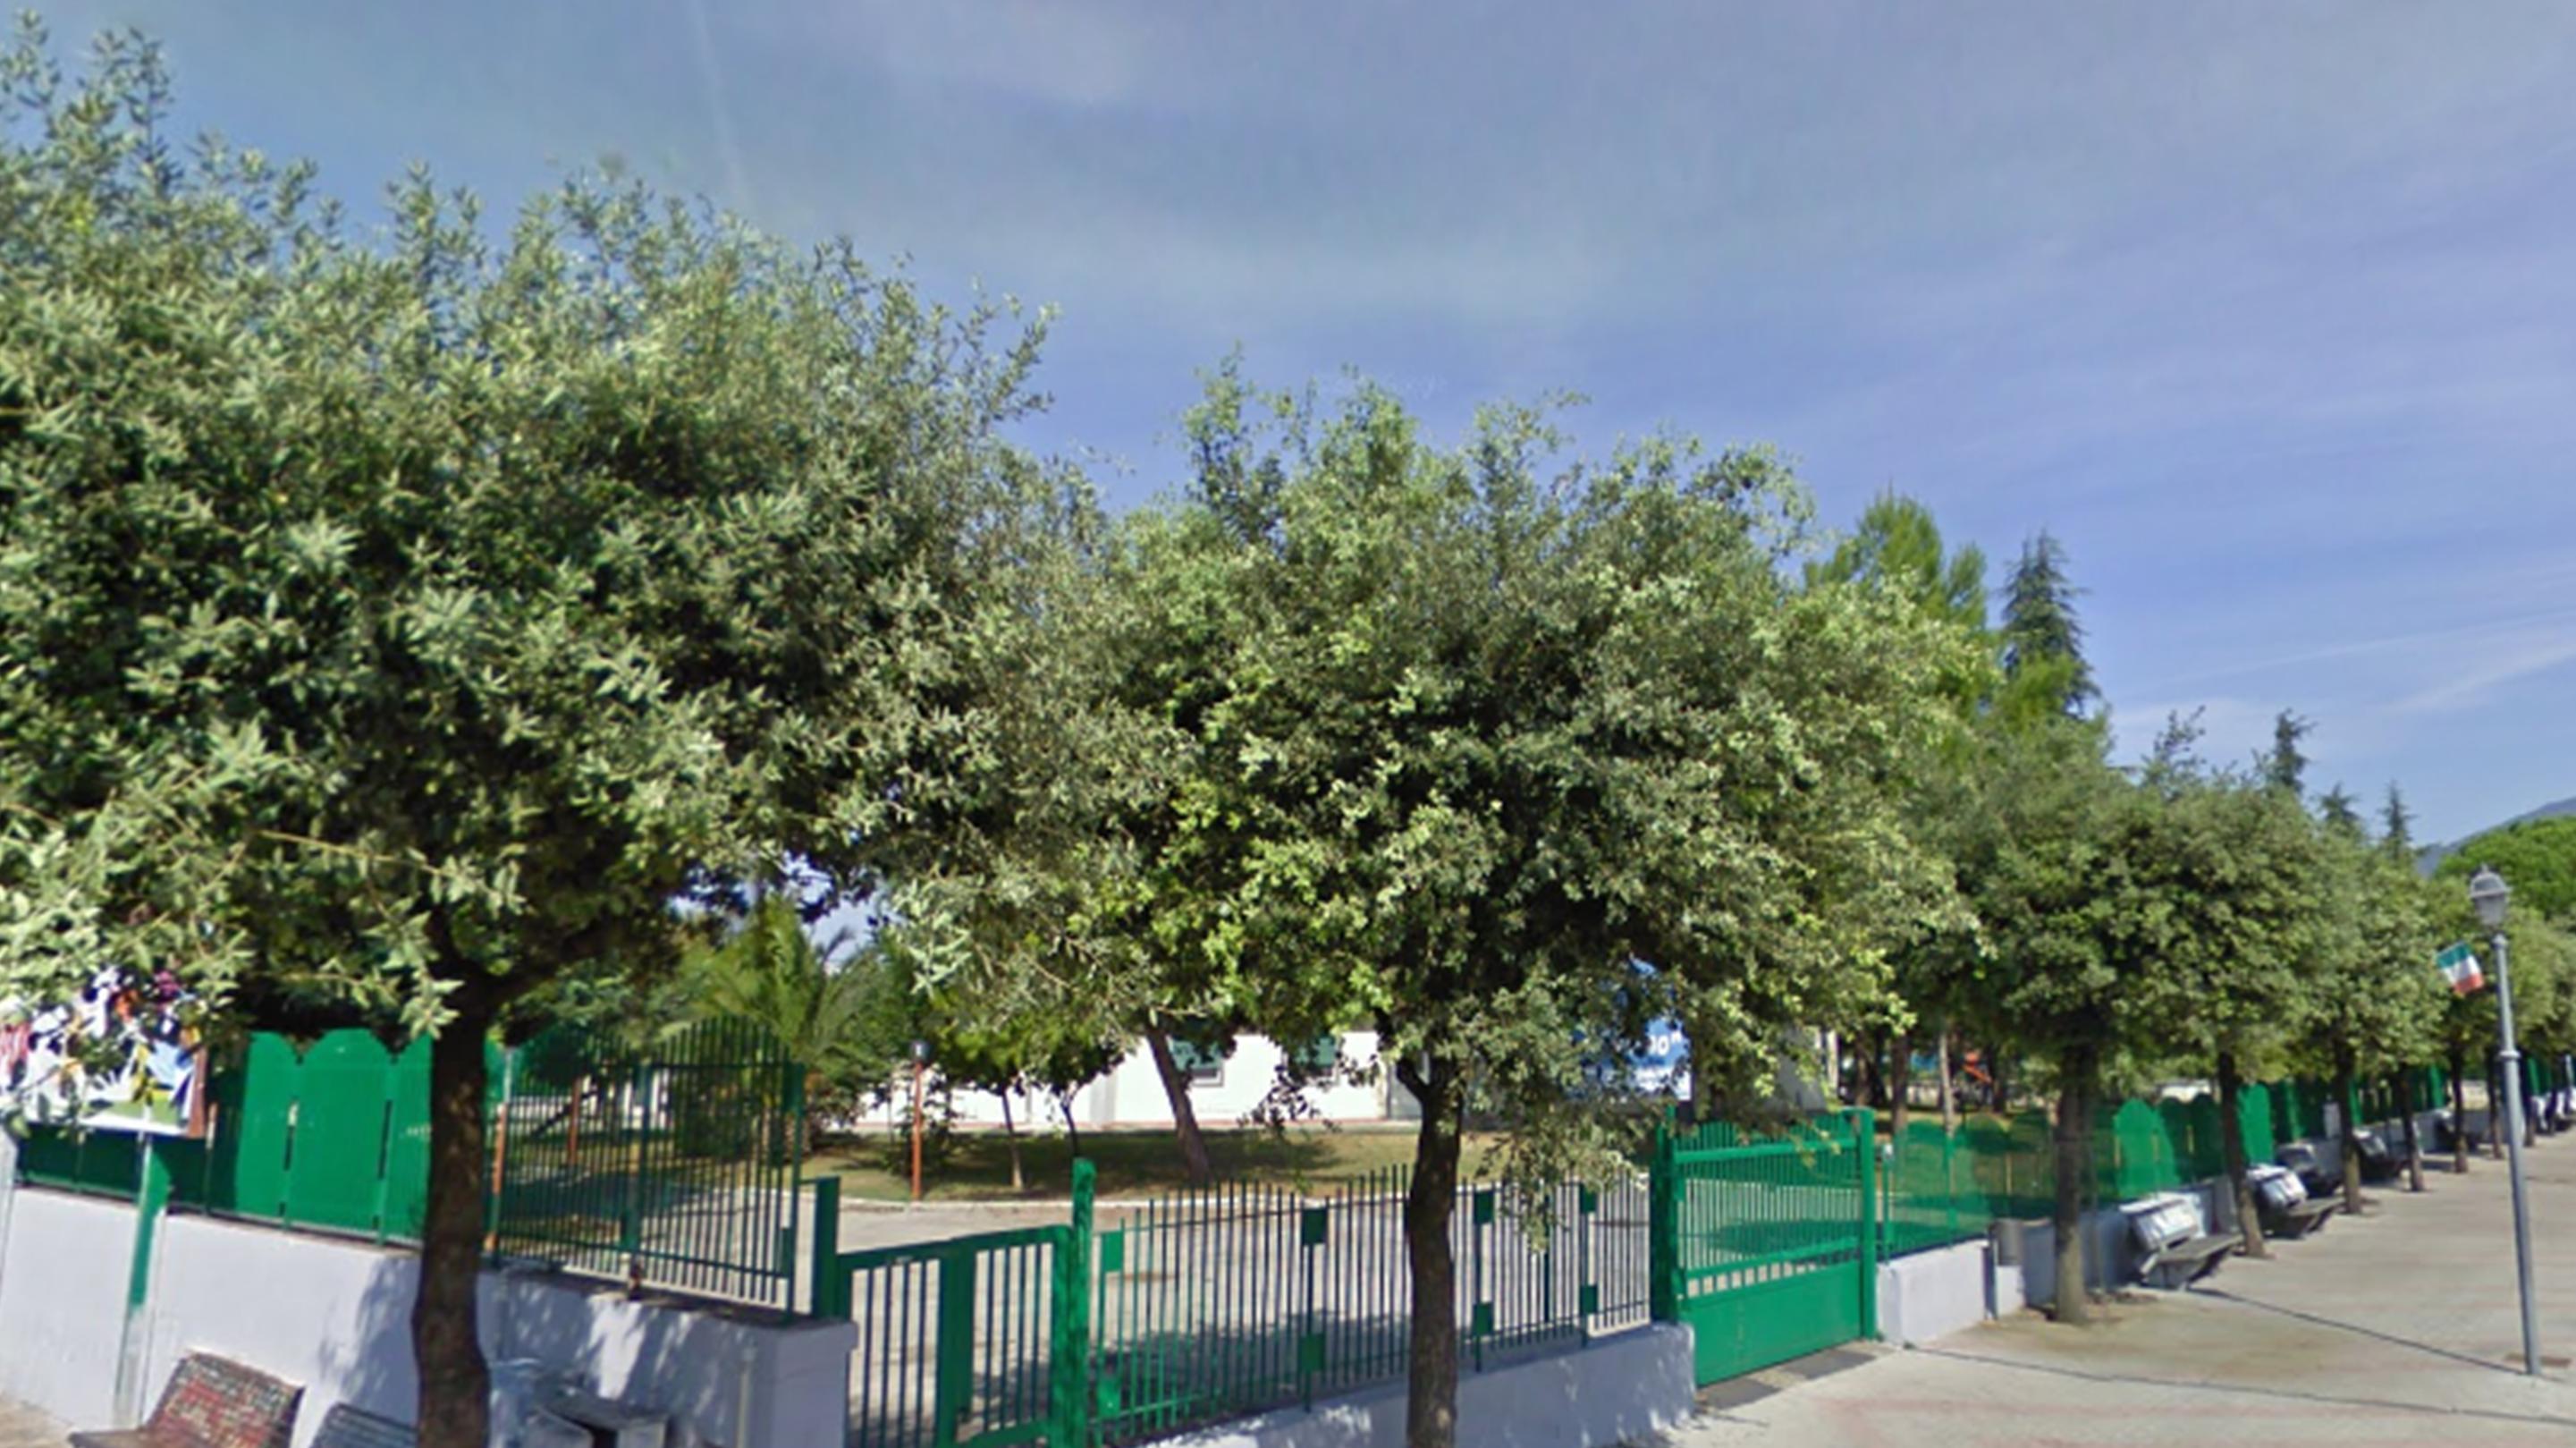 Alberi da giardino simple image with alberi da giardino un grande giardino con alberi palme - Alberi particolari da giardino ...